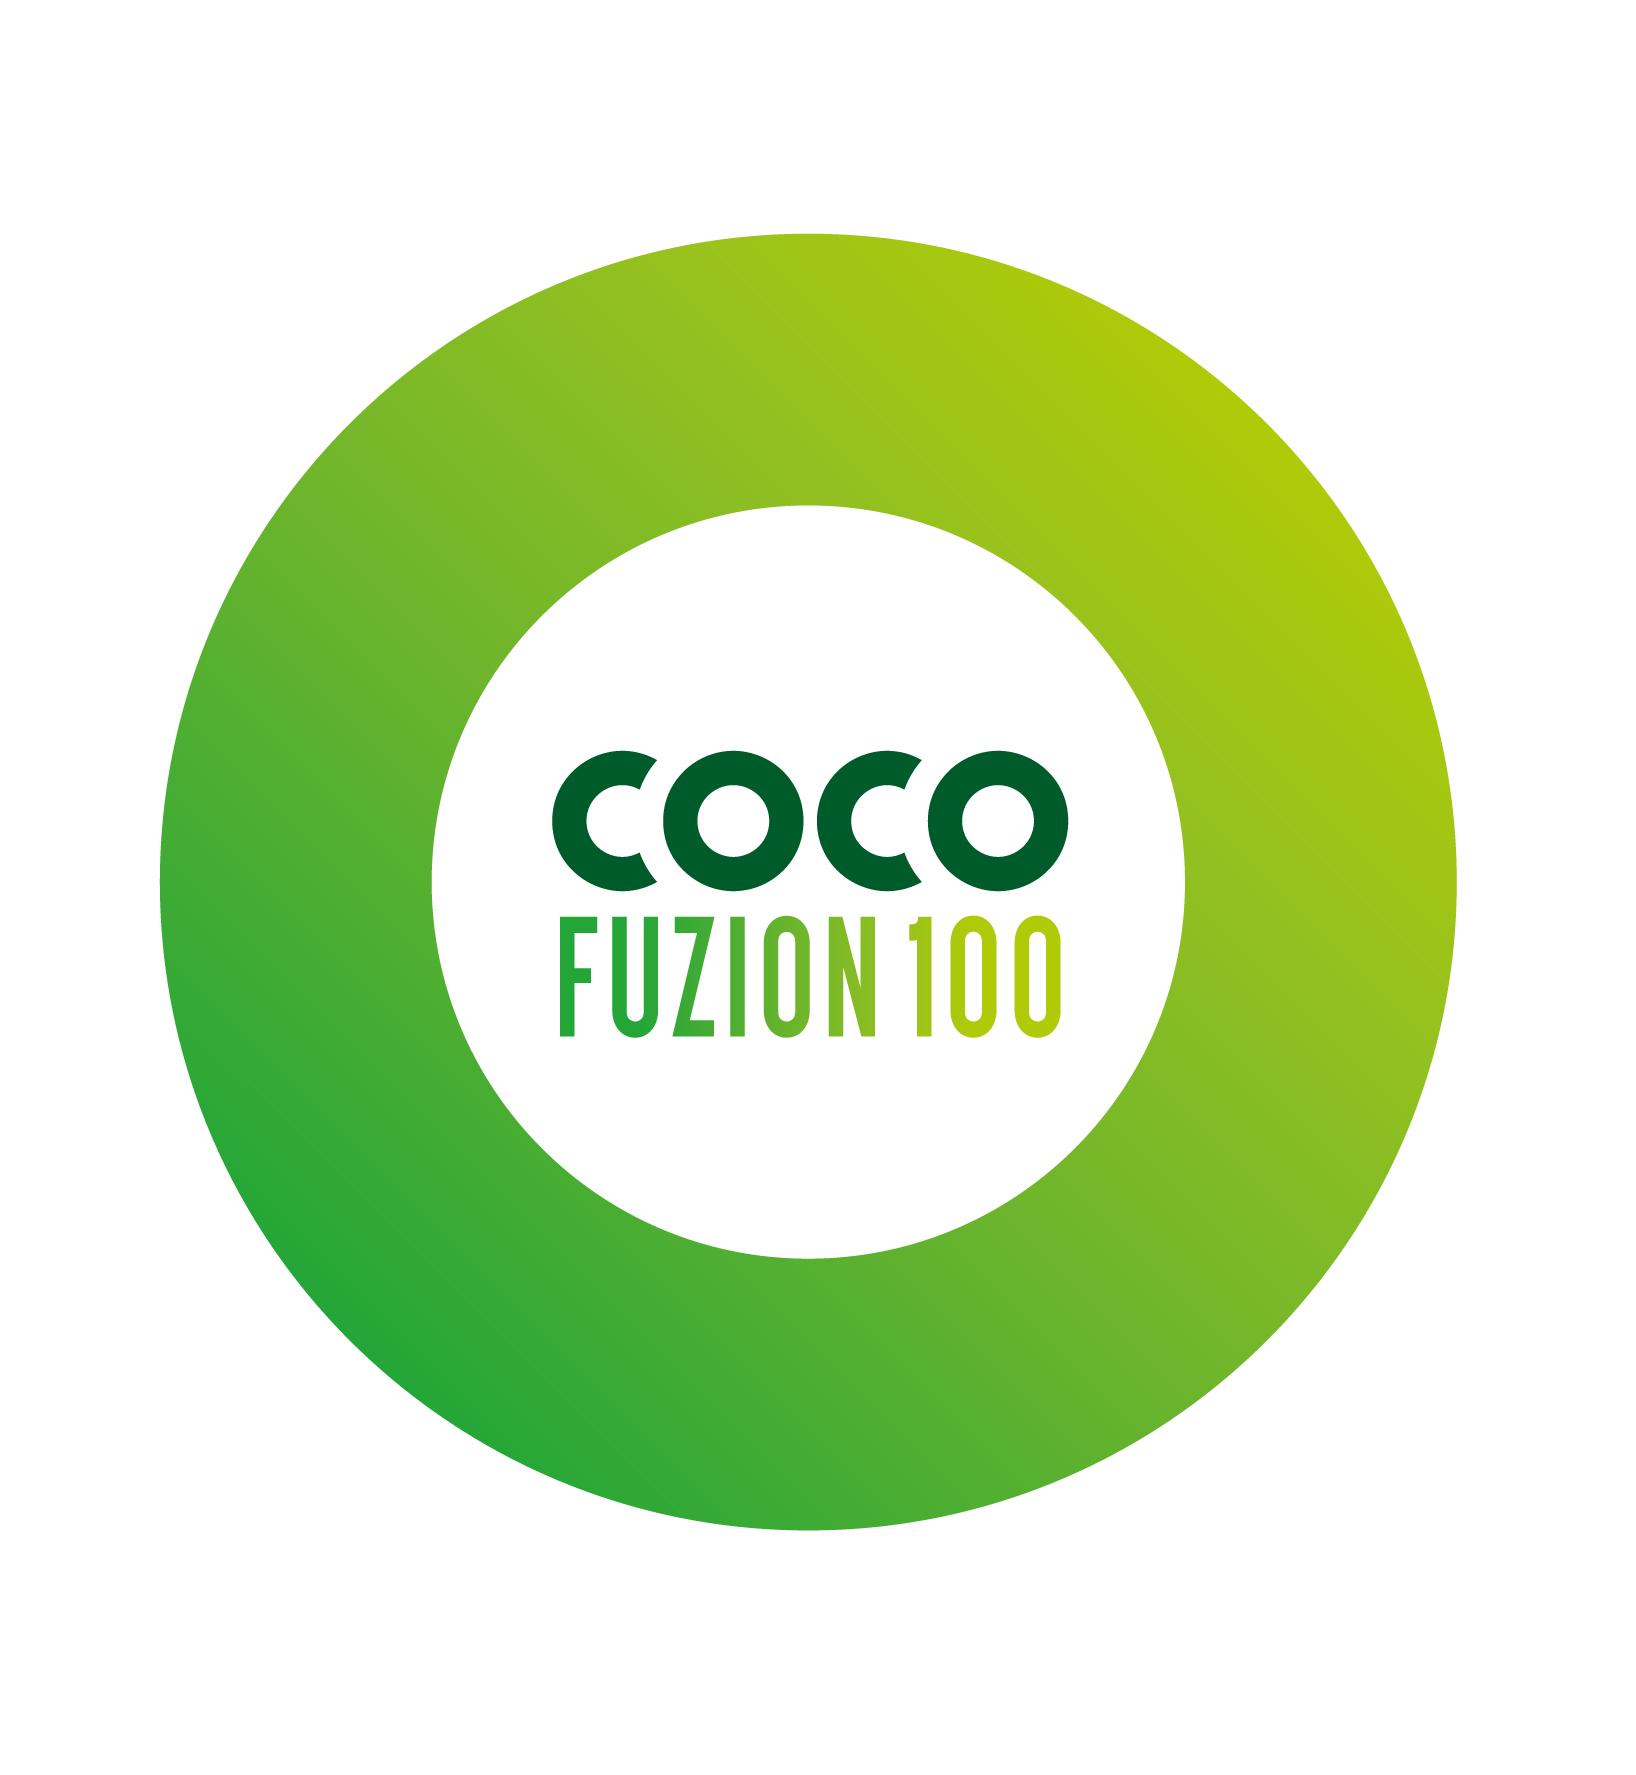 COCO FUZION 100 u13p